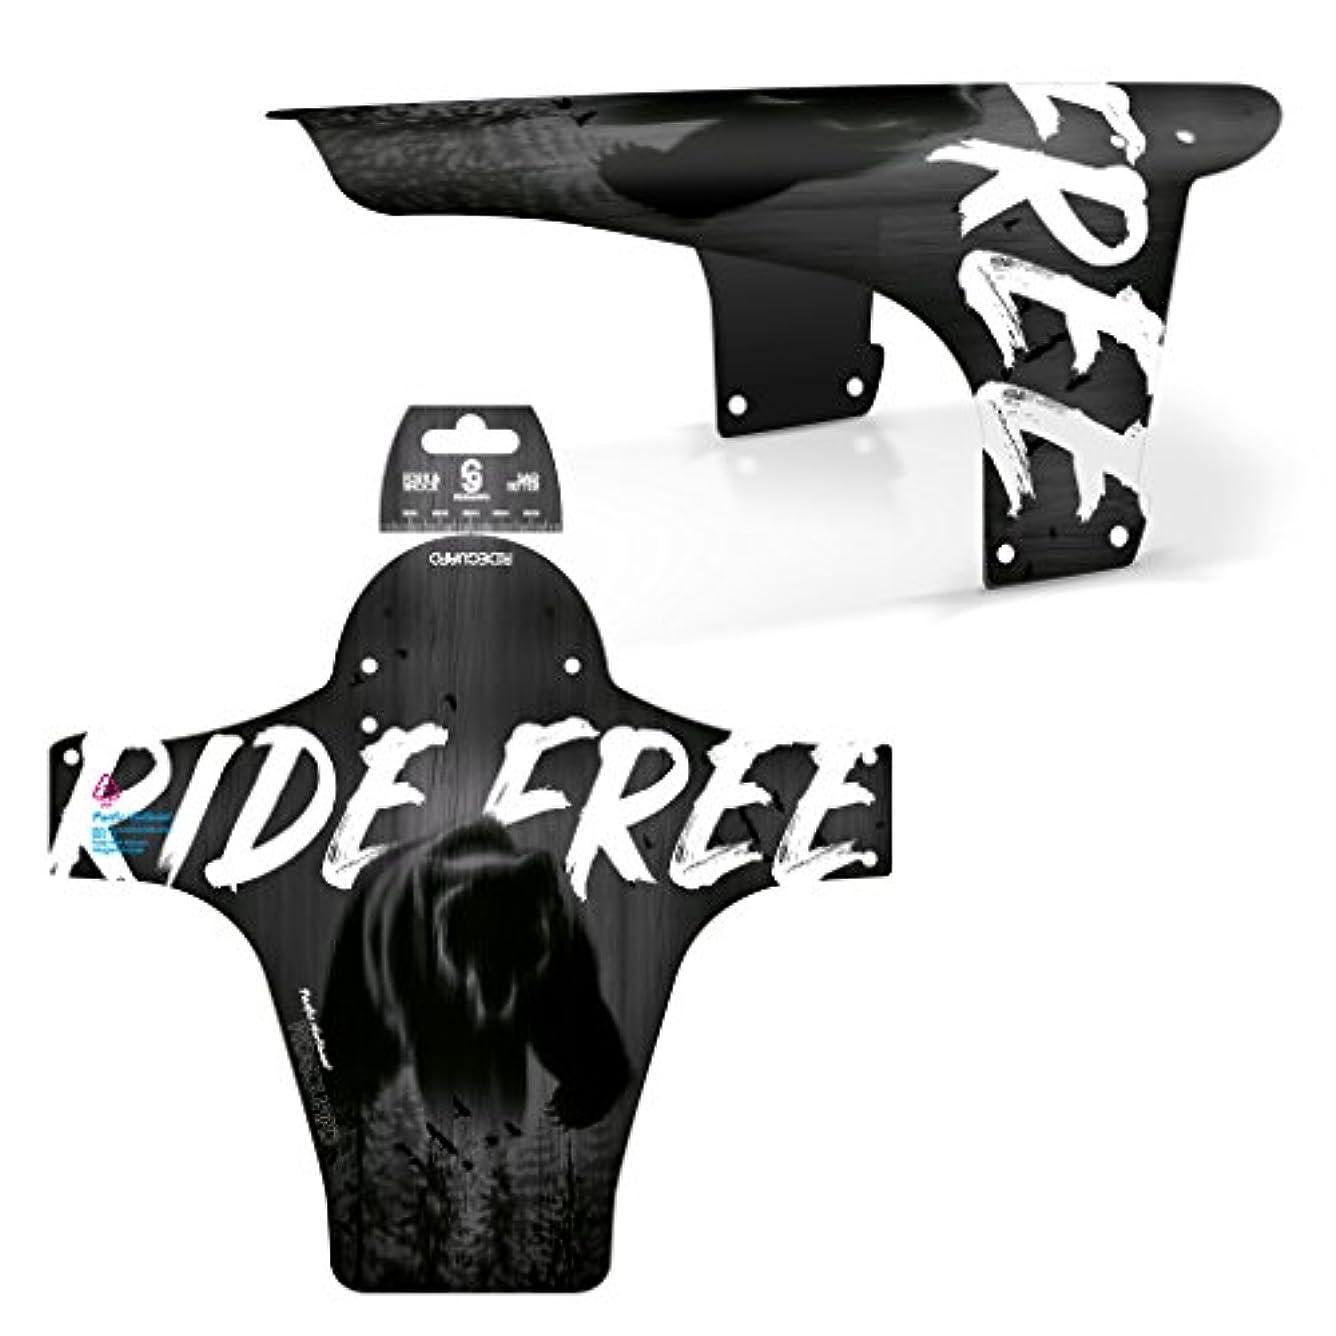 である禁止する忠実なRideGuard フロント MTB マッドガード PF1 エンデューロガード マウンテンバイクフェンダー 英国製 Ride Free Pacific